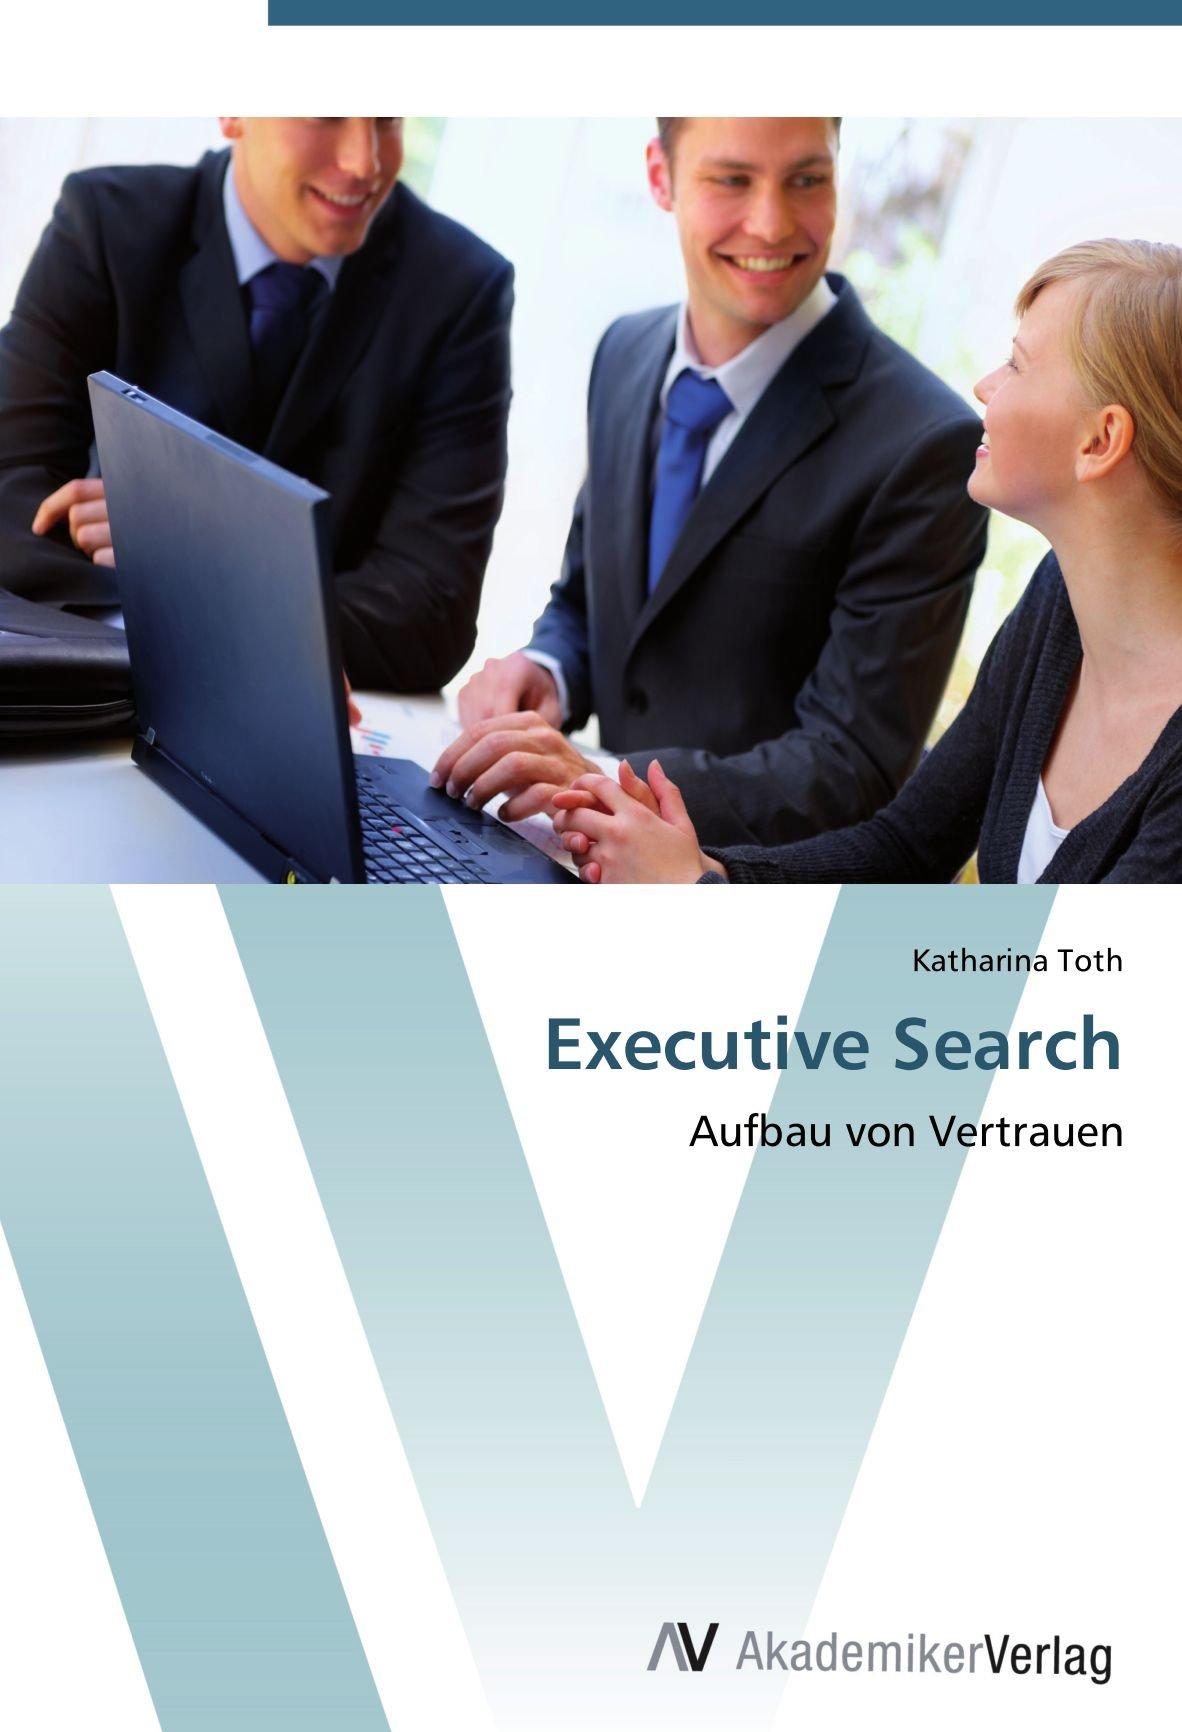 Executive Search: Aufbau von Vertrauen